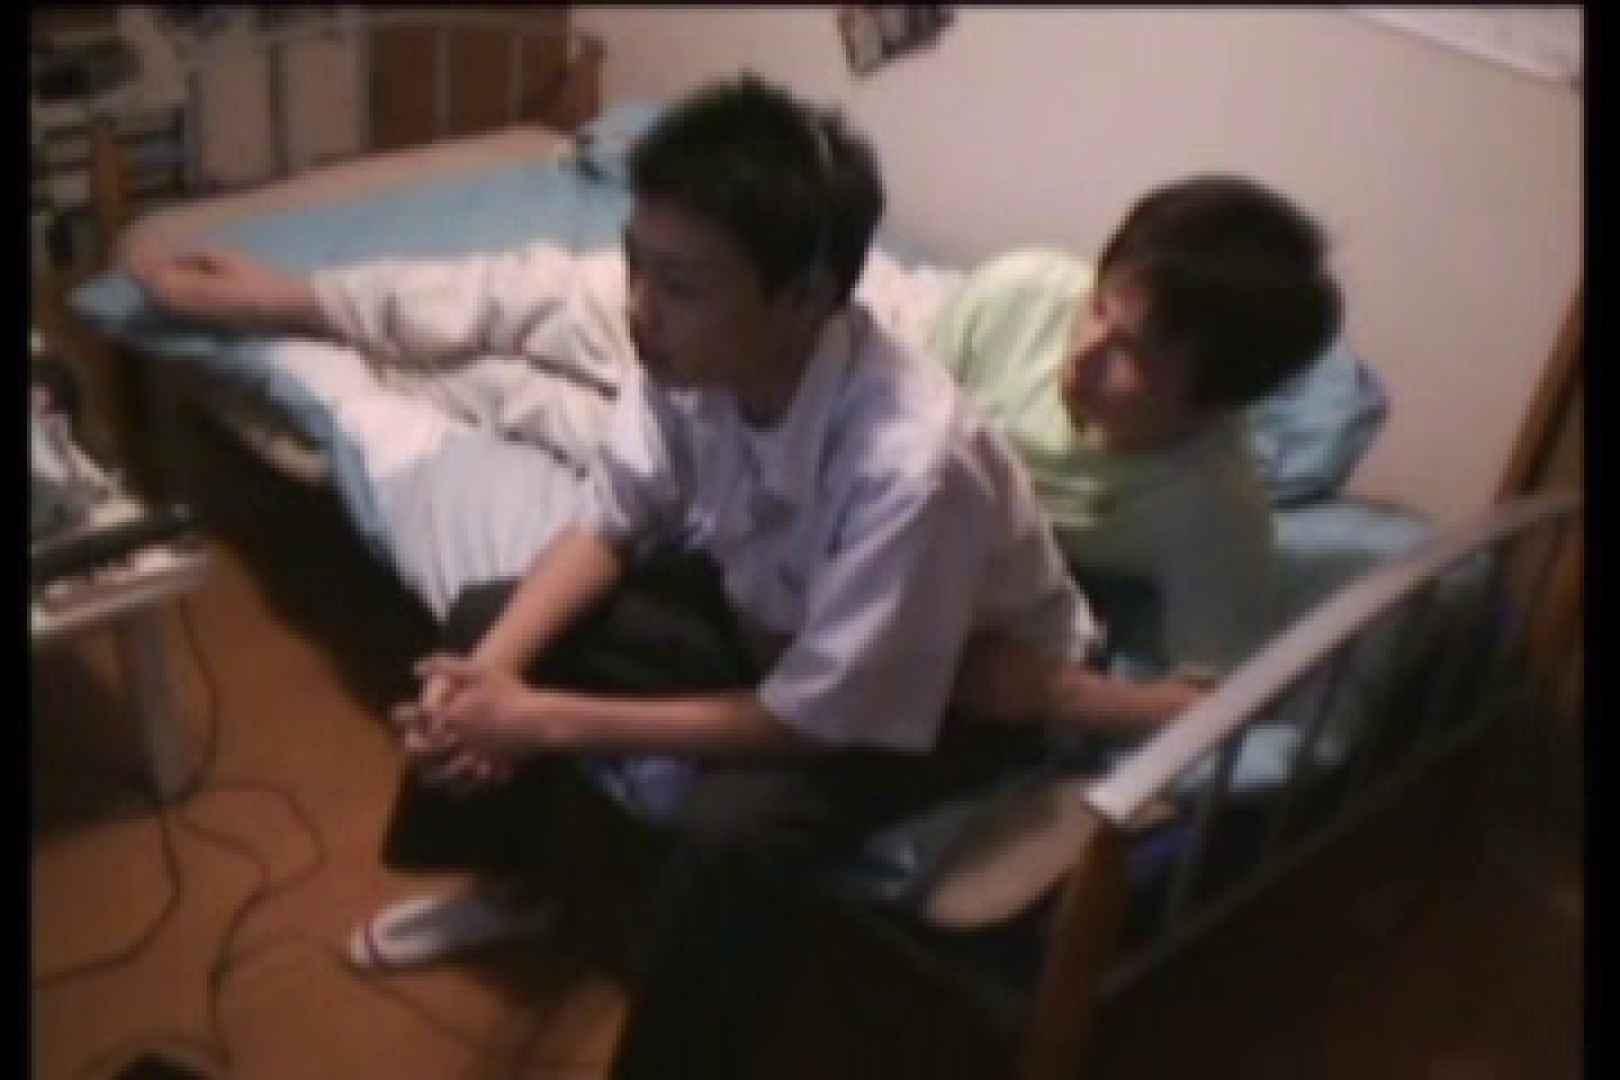 【実録投稿】友達覗撮In my room!! 射精  102pic 16